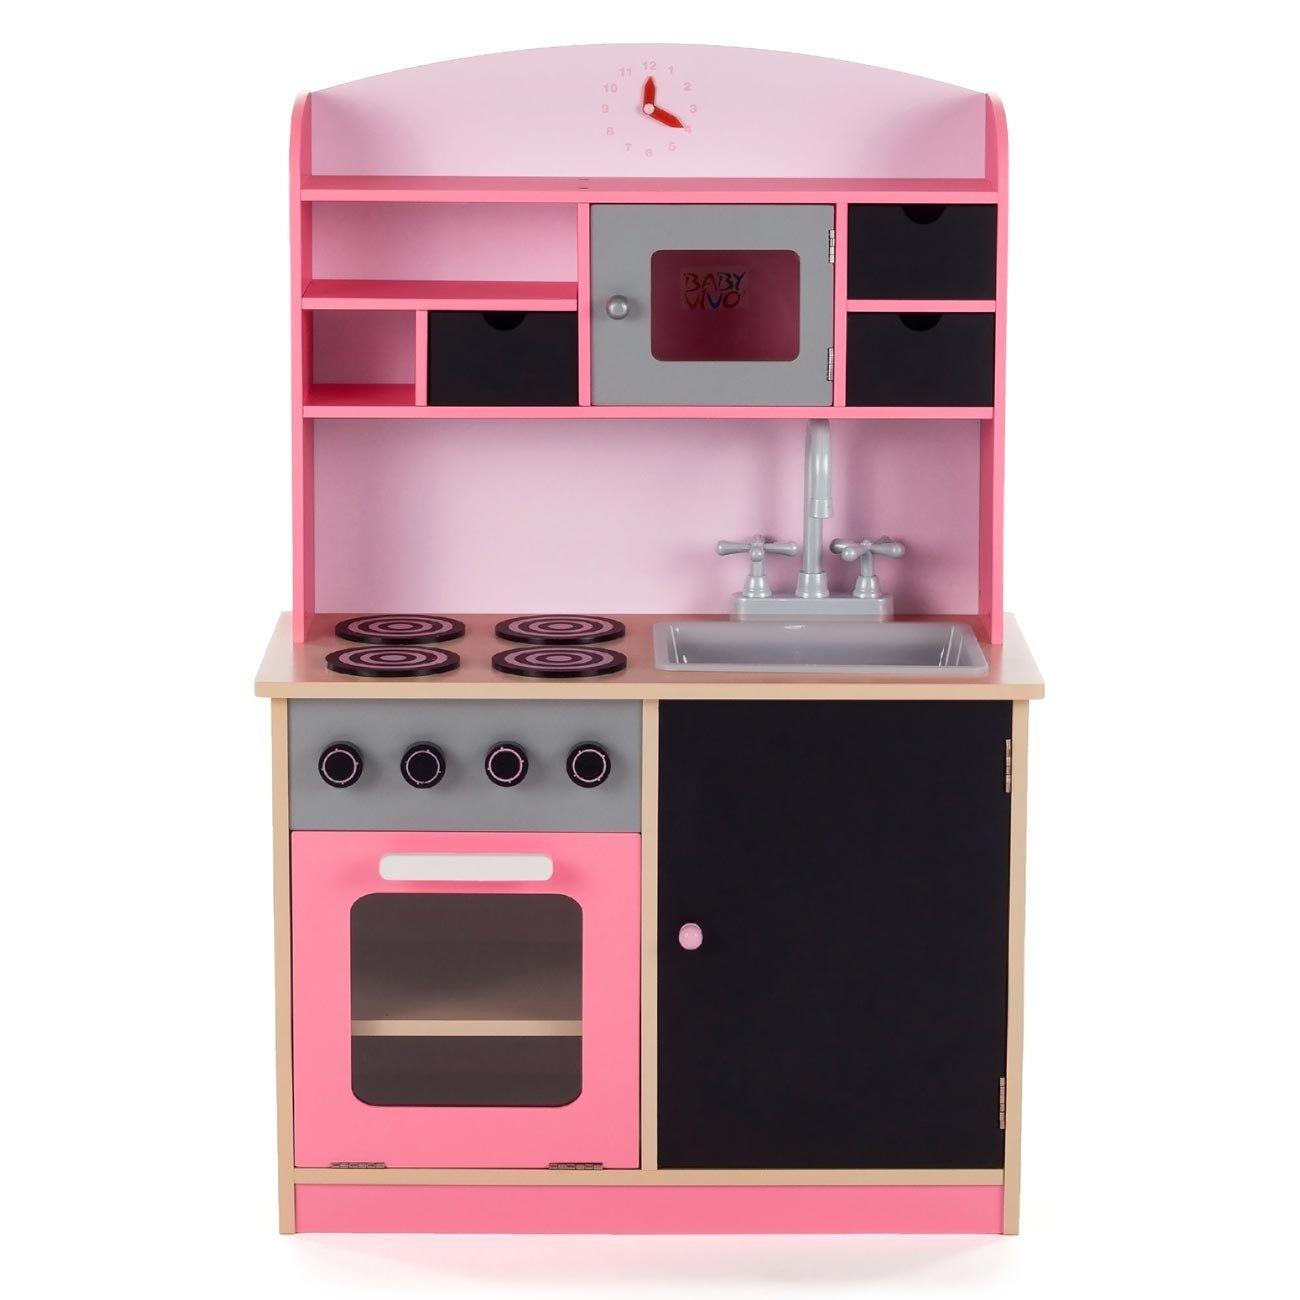 Innenarchitektur Pinke Küche Ideen Von Baby Vivo Kinderküche Spielküche Aus Holz Kinderspielküche